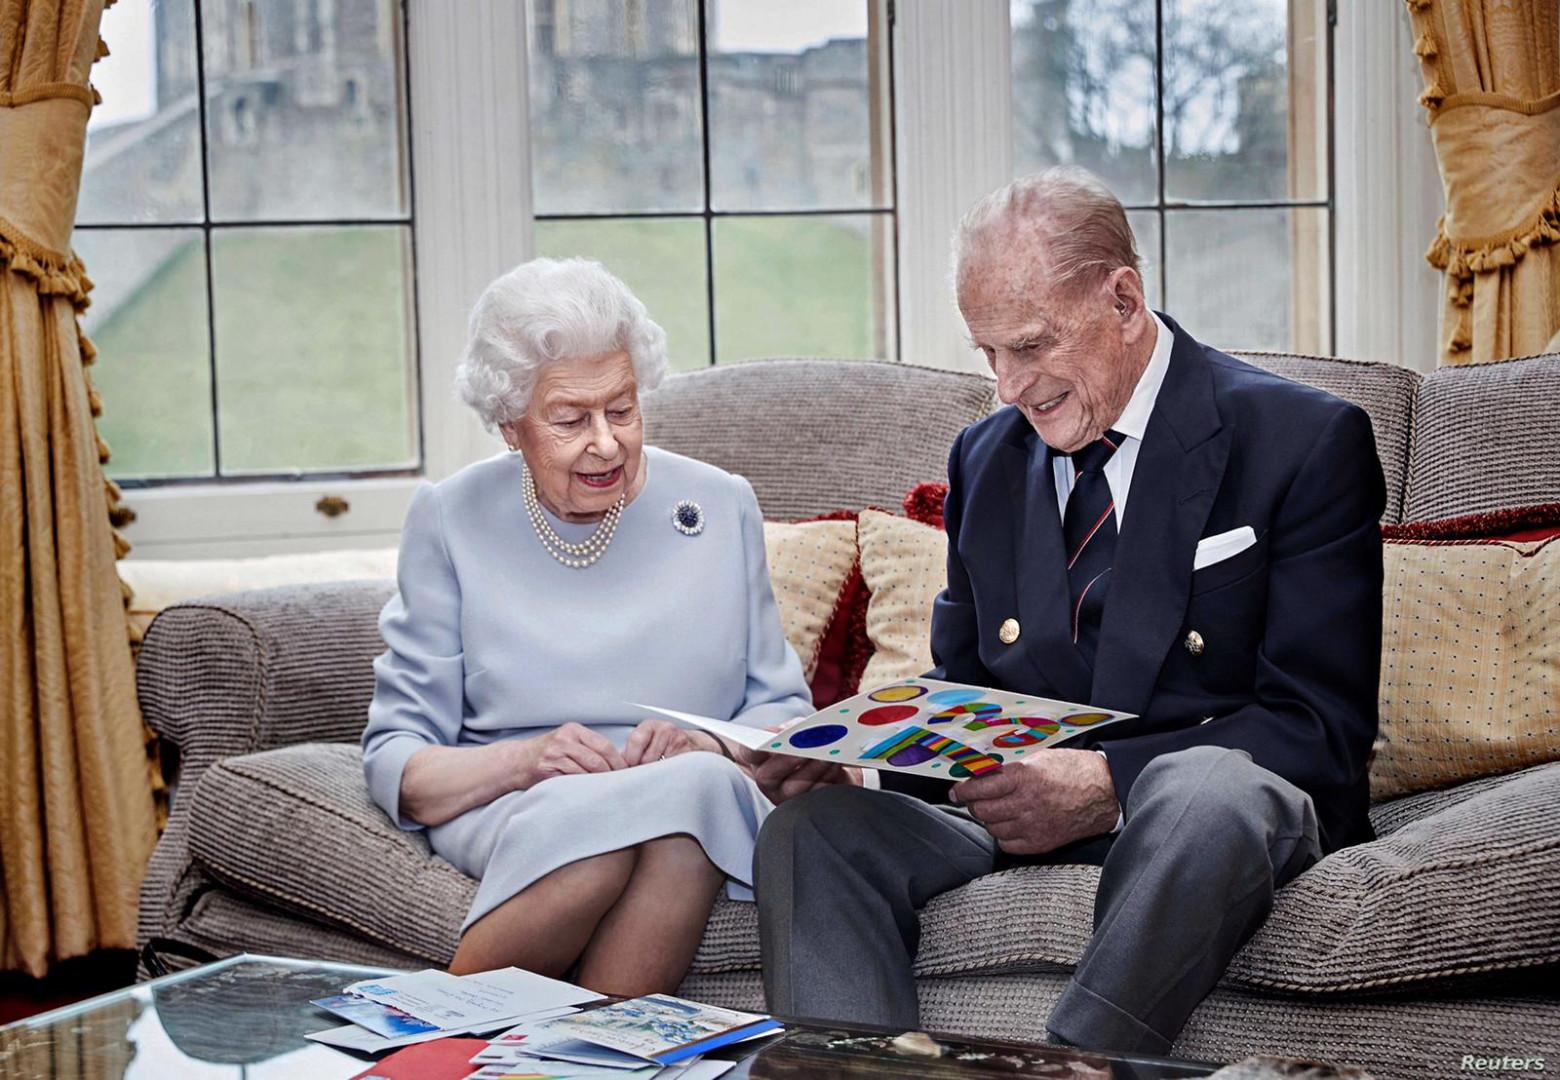 قصة حب ازلية.. الملكة إليزابيث تحتفل بعيد زواجها الثالث والسبعين